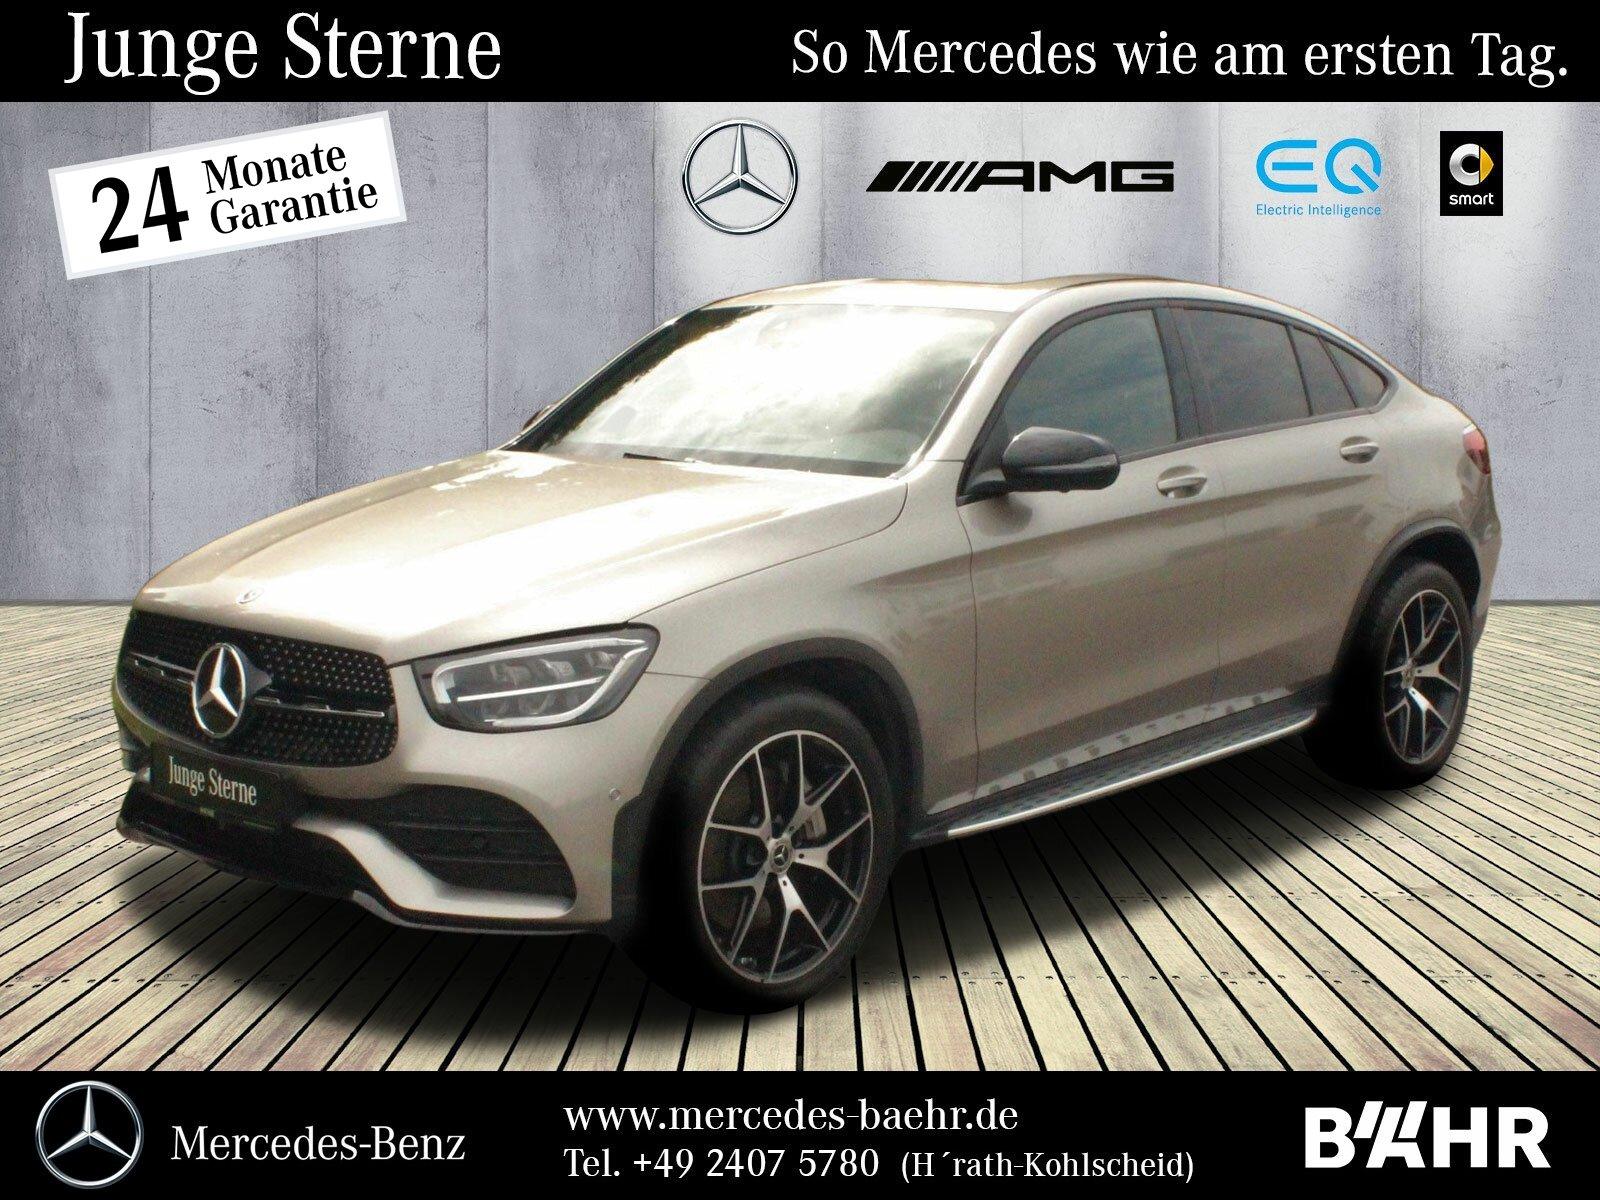 Mercedes-Benz GLC 400 d 4M Coupé AMG+Night/MBUX-Navi/LED/360°, Jahr 2020, Diesel